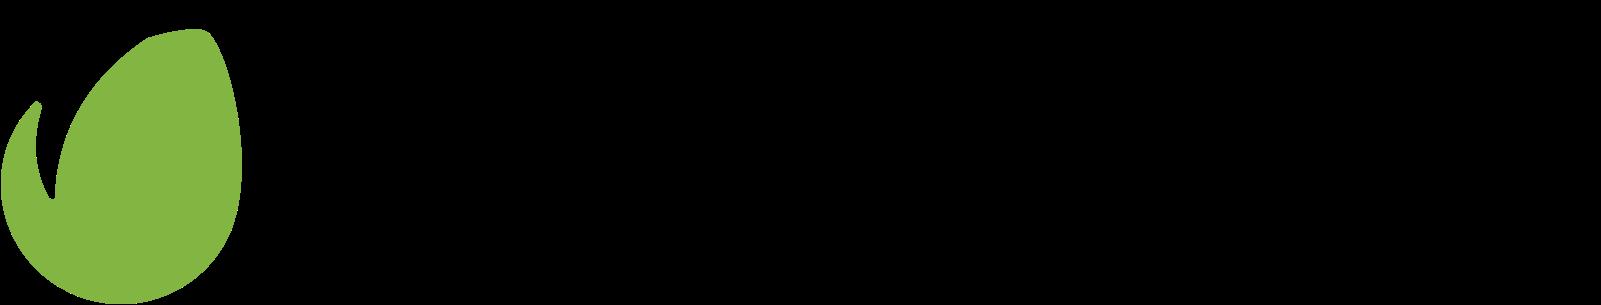 Envato Logo PNG - 99046